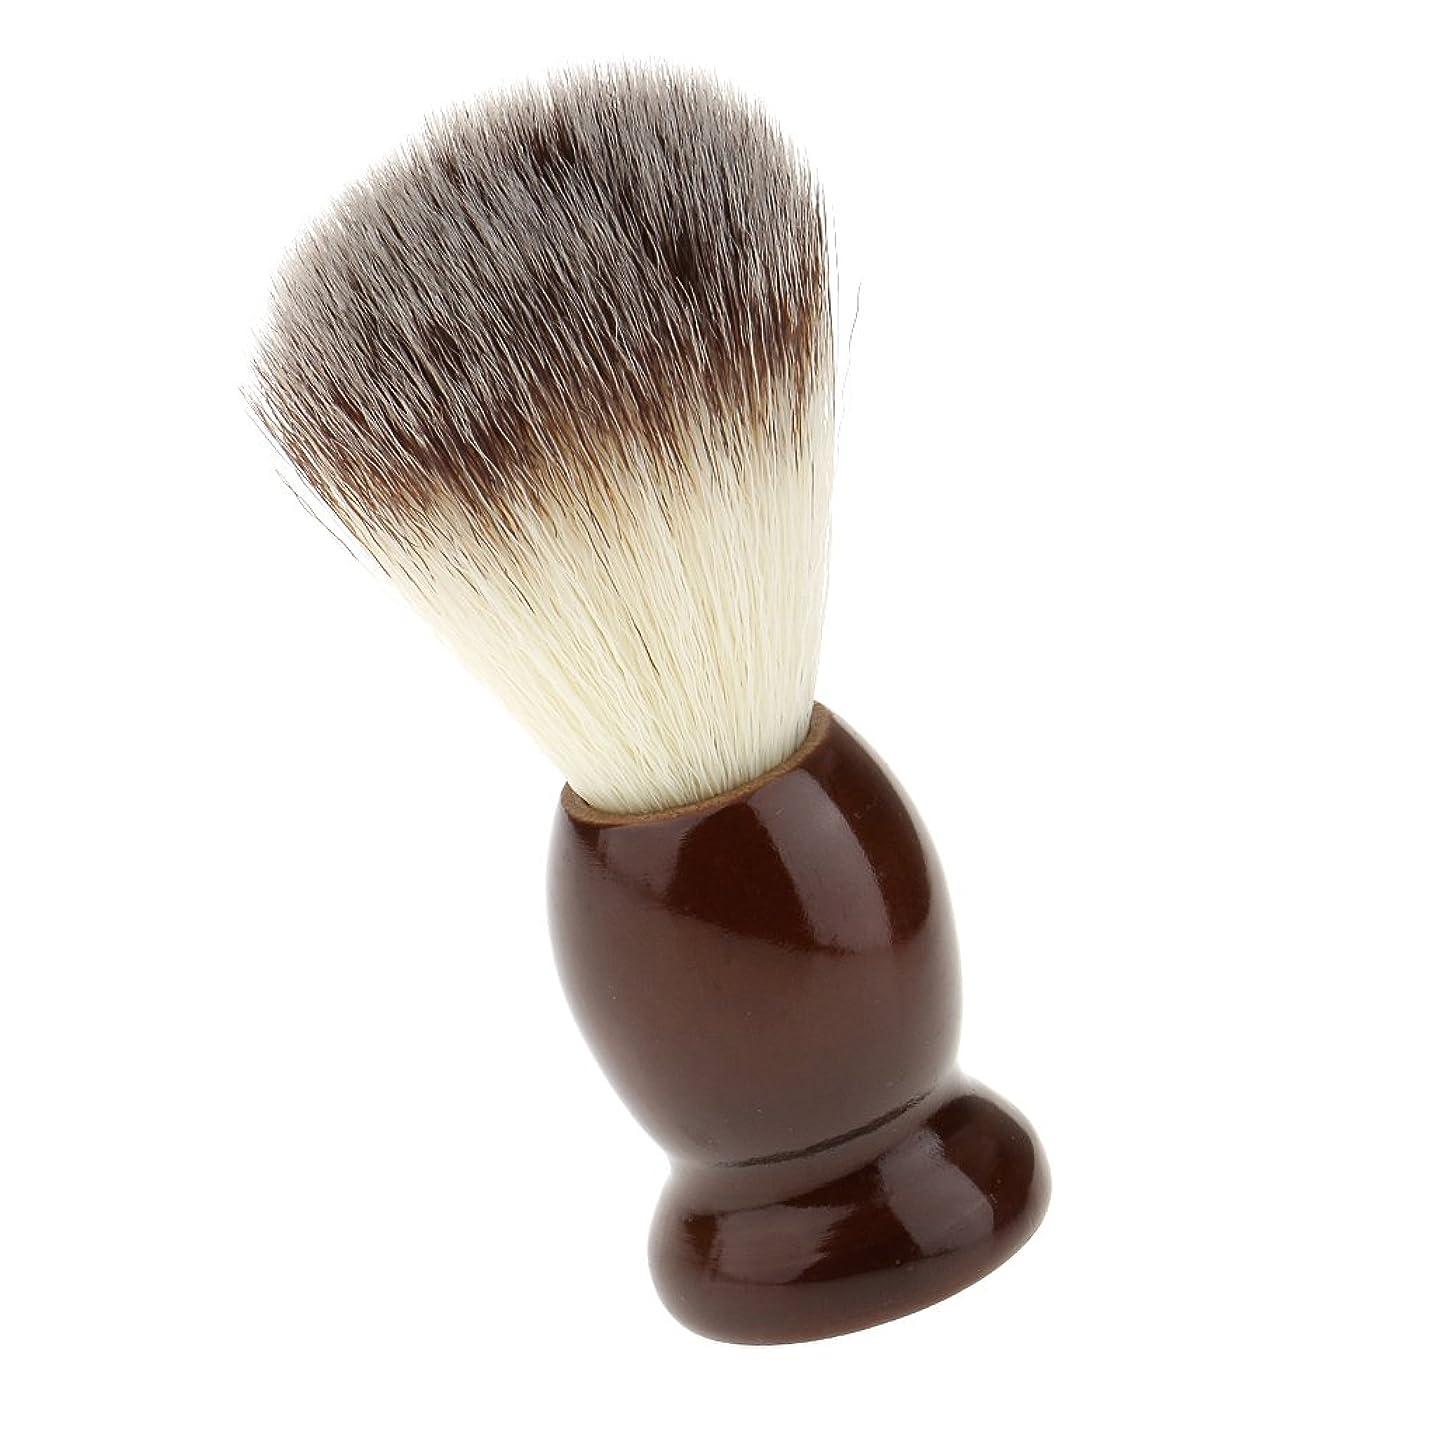 漏斗ソーシャル用心するSONONIA ナイロン製 シェービングブラシ サロン 柔らかい 髭剃り 洗顔 理容   便携 10.5cm  ブラウン